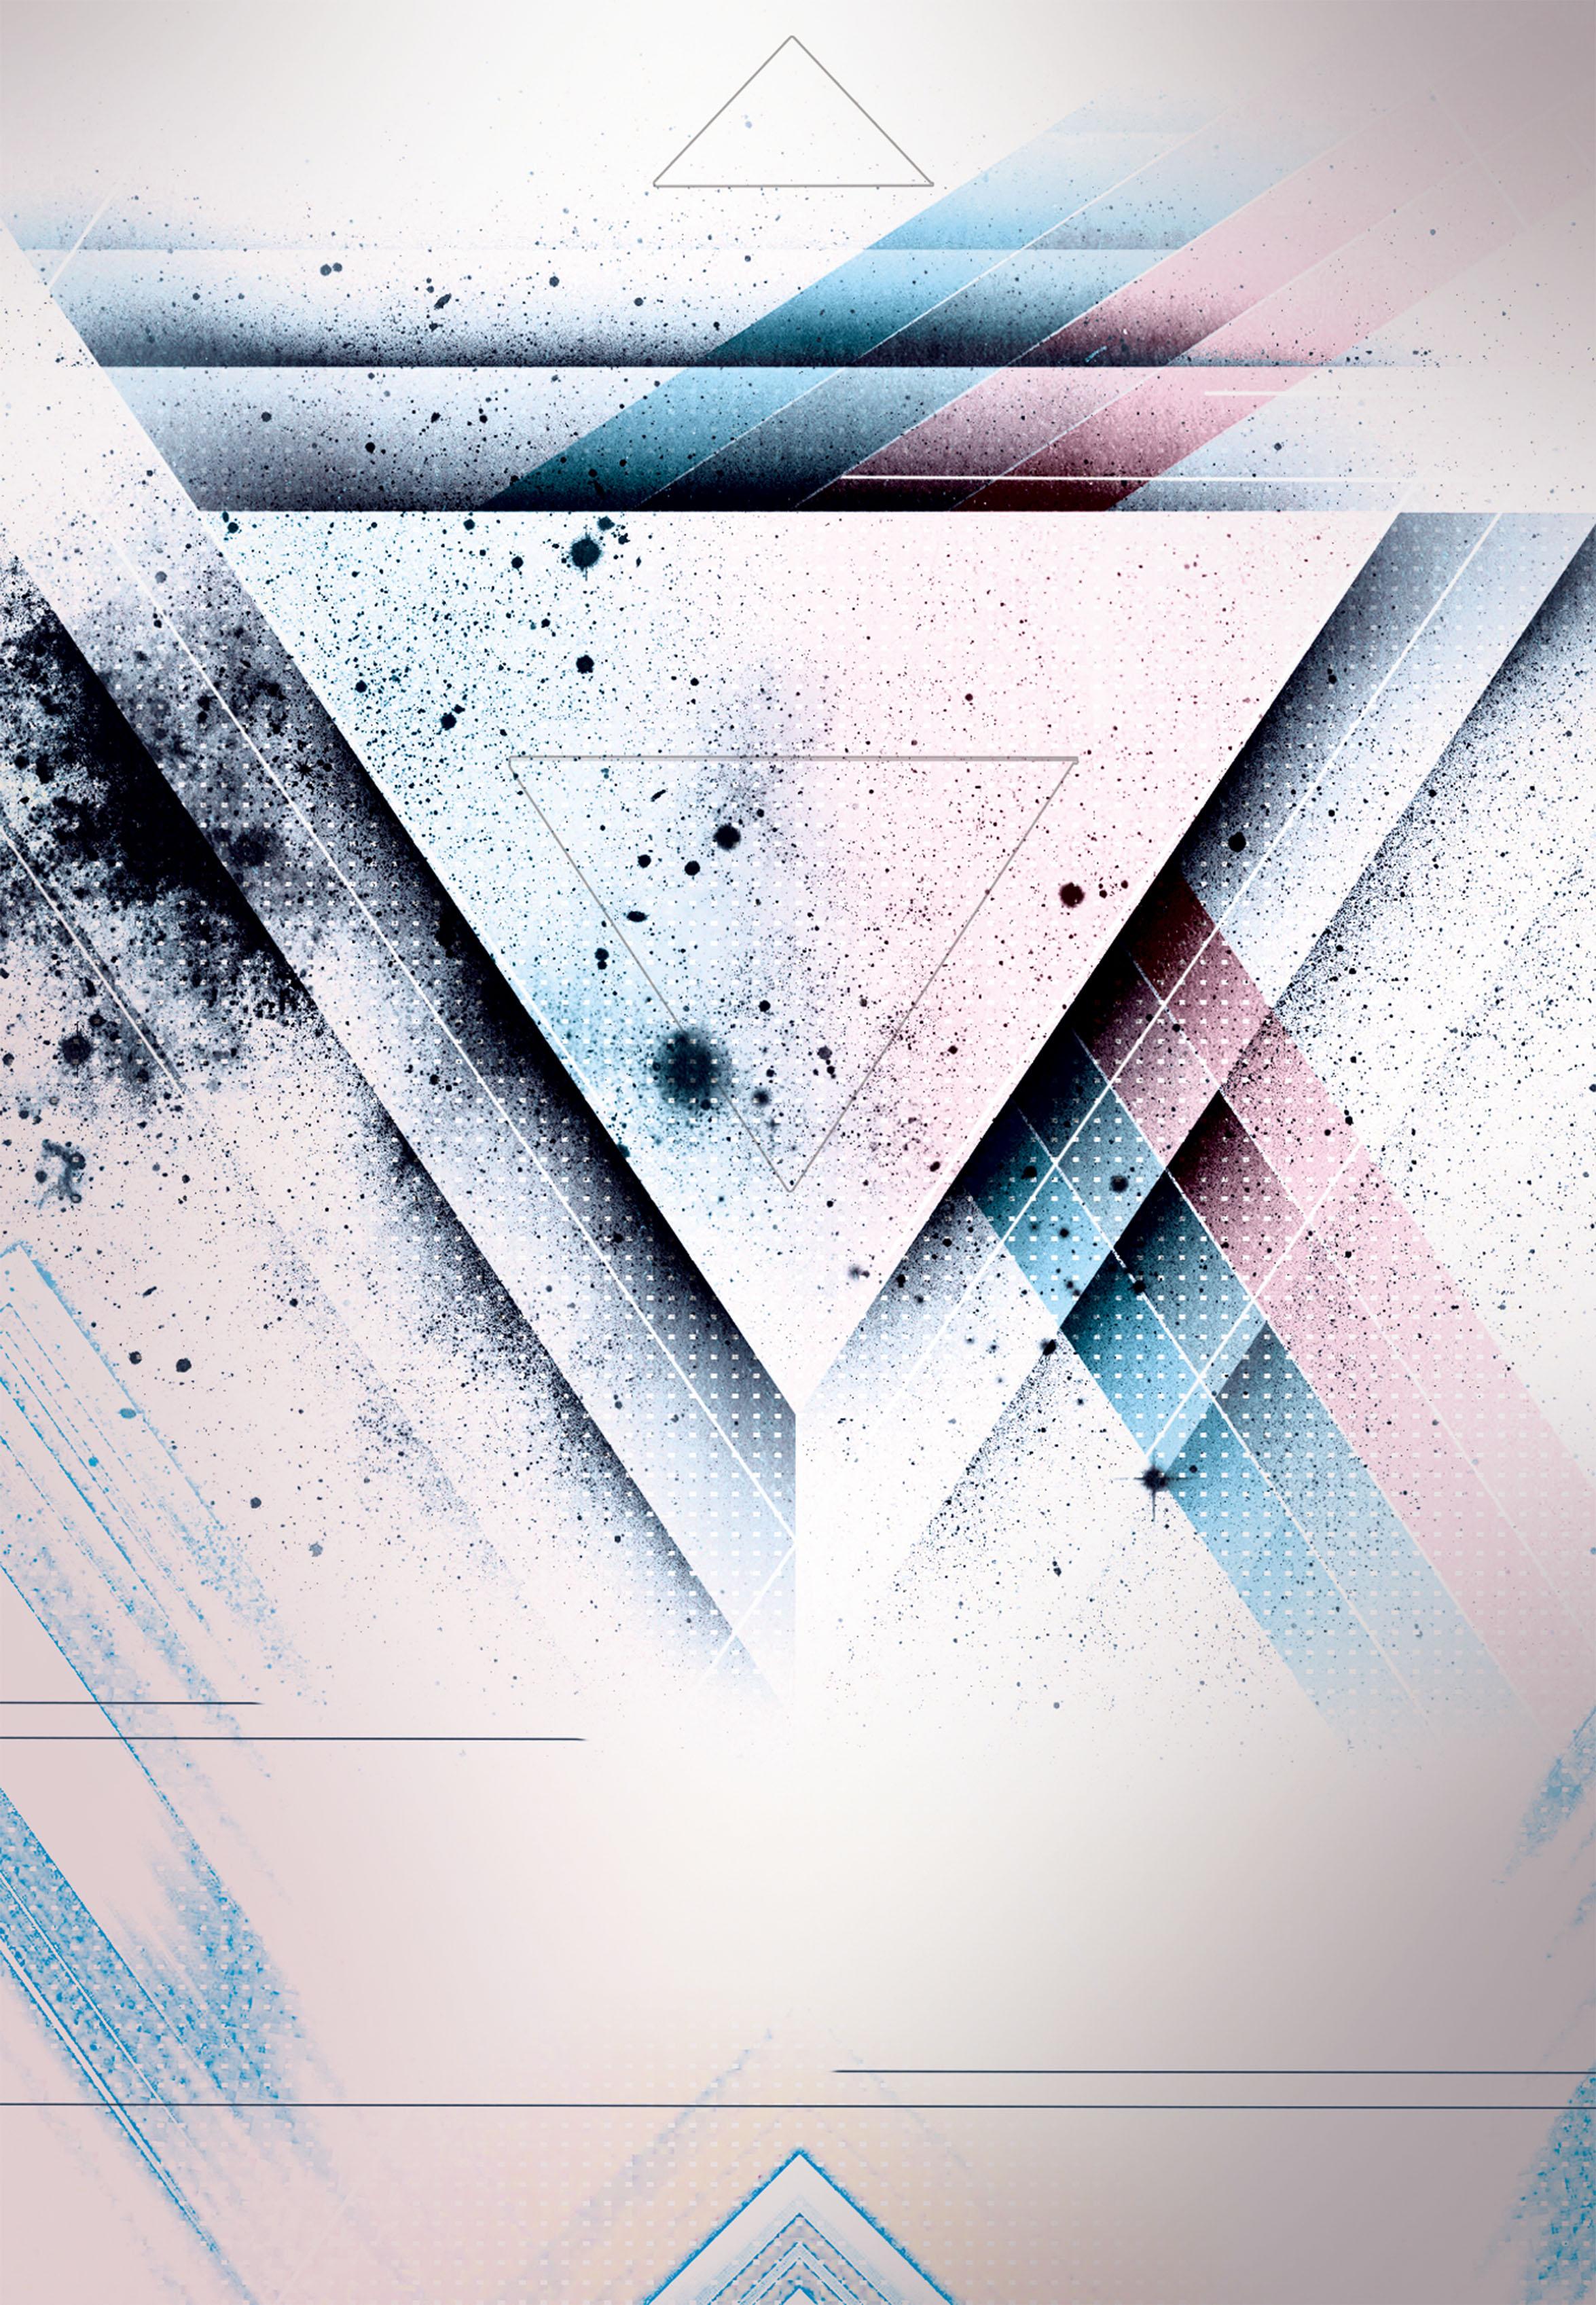 le papier business la texture conception contexte le